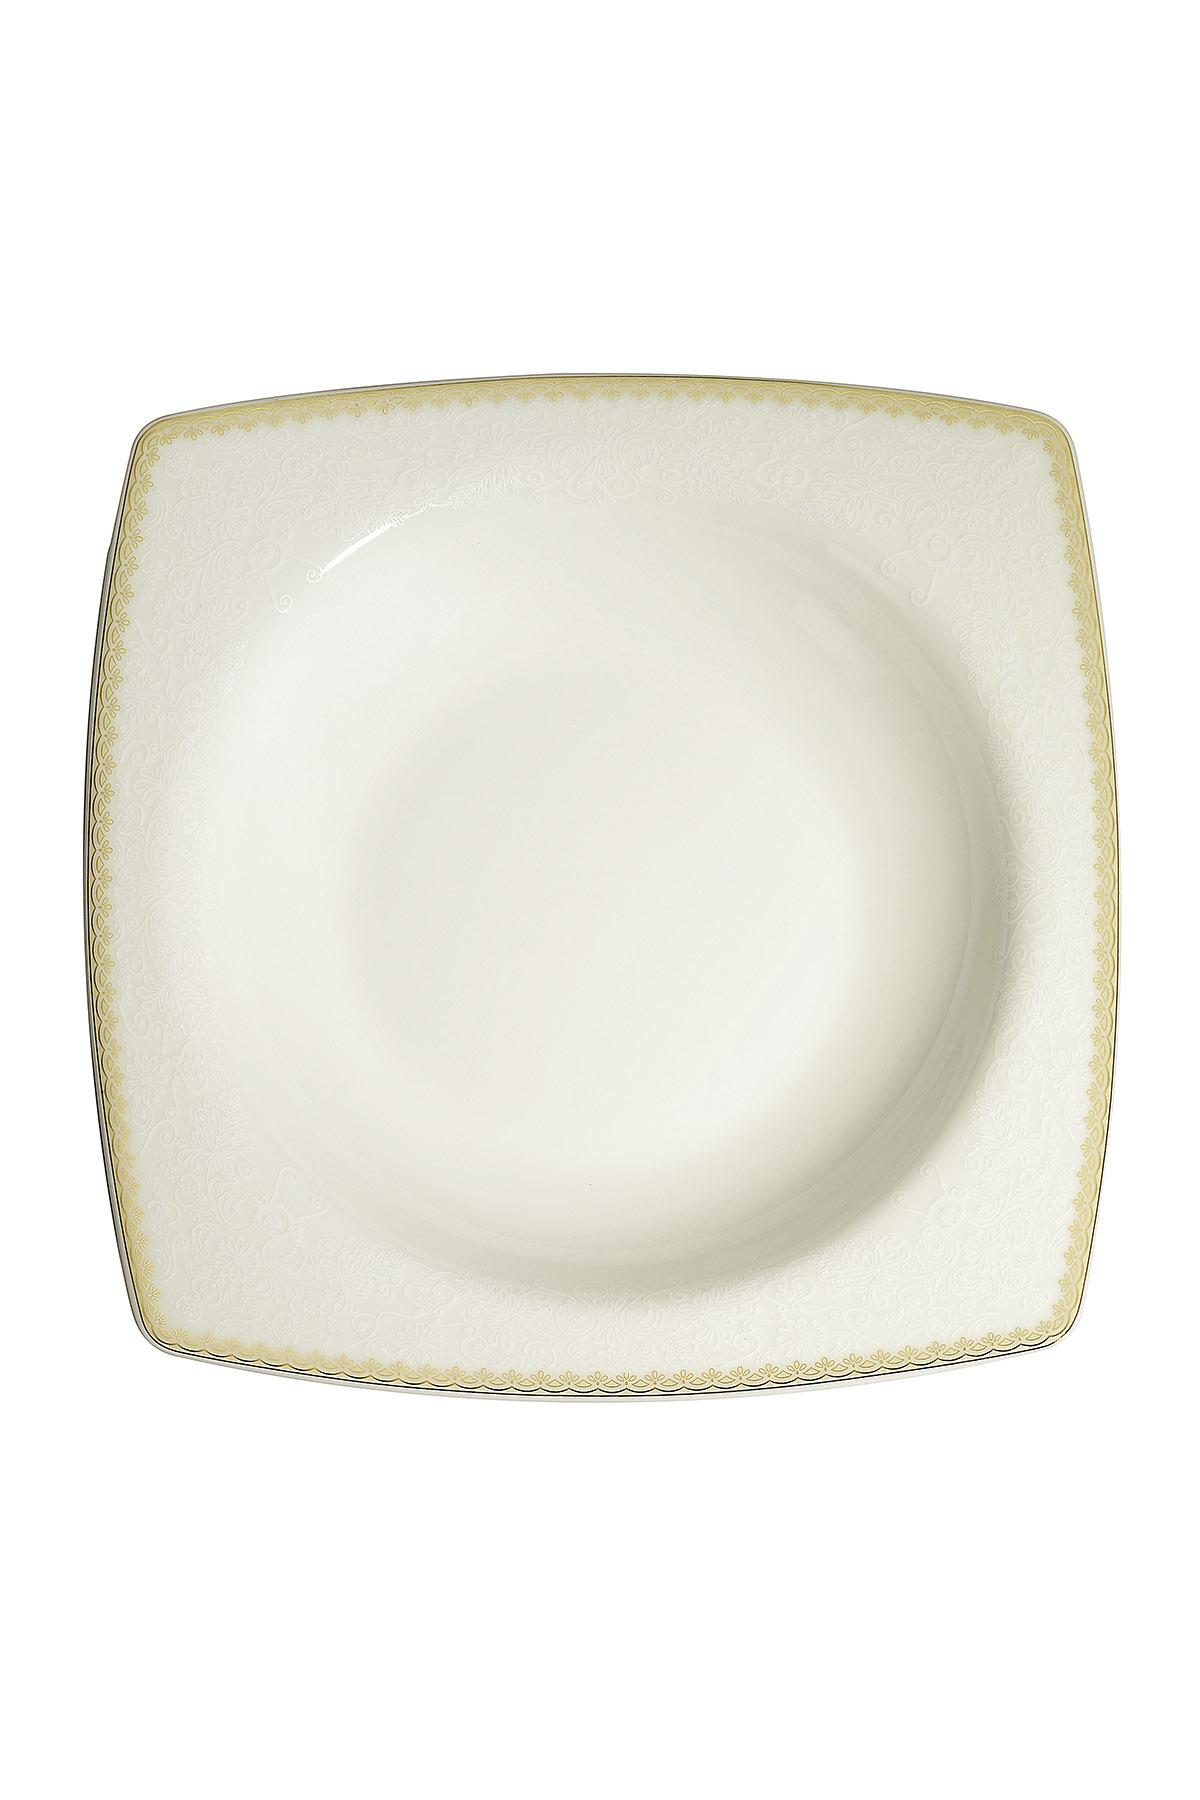 Kütahya Porselen Bone Mare 68 Parça 10127 Desenli Yemek Takımı